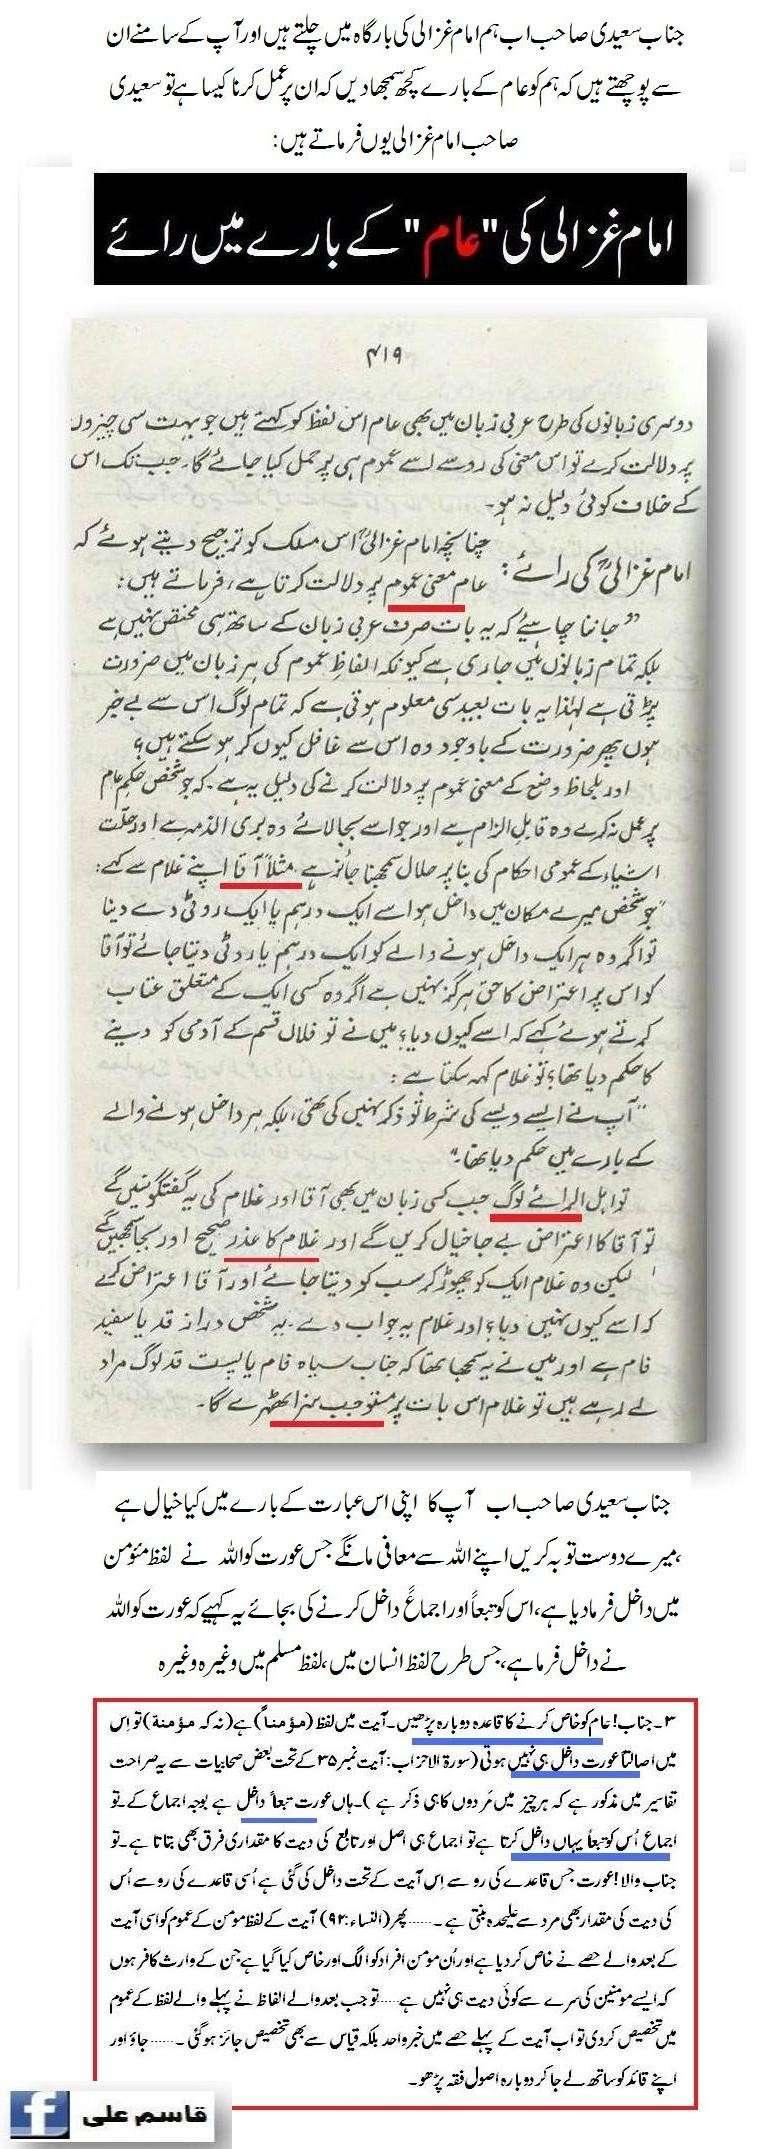 دیت کی جعلی فتوی فیکٹری پر منہاج القرآن کی فتح کا جھنڈا - Page 2 Qasim_22